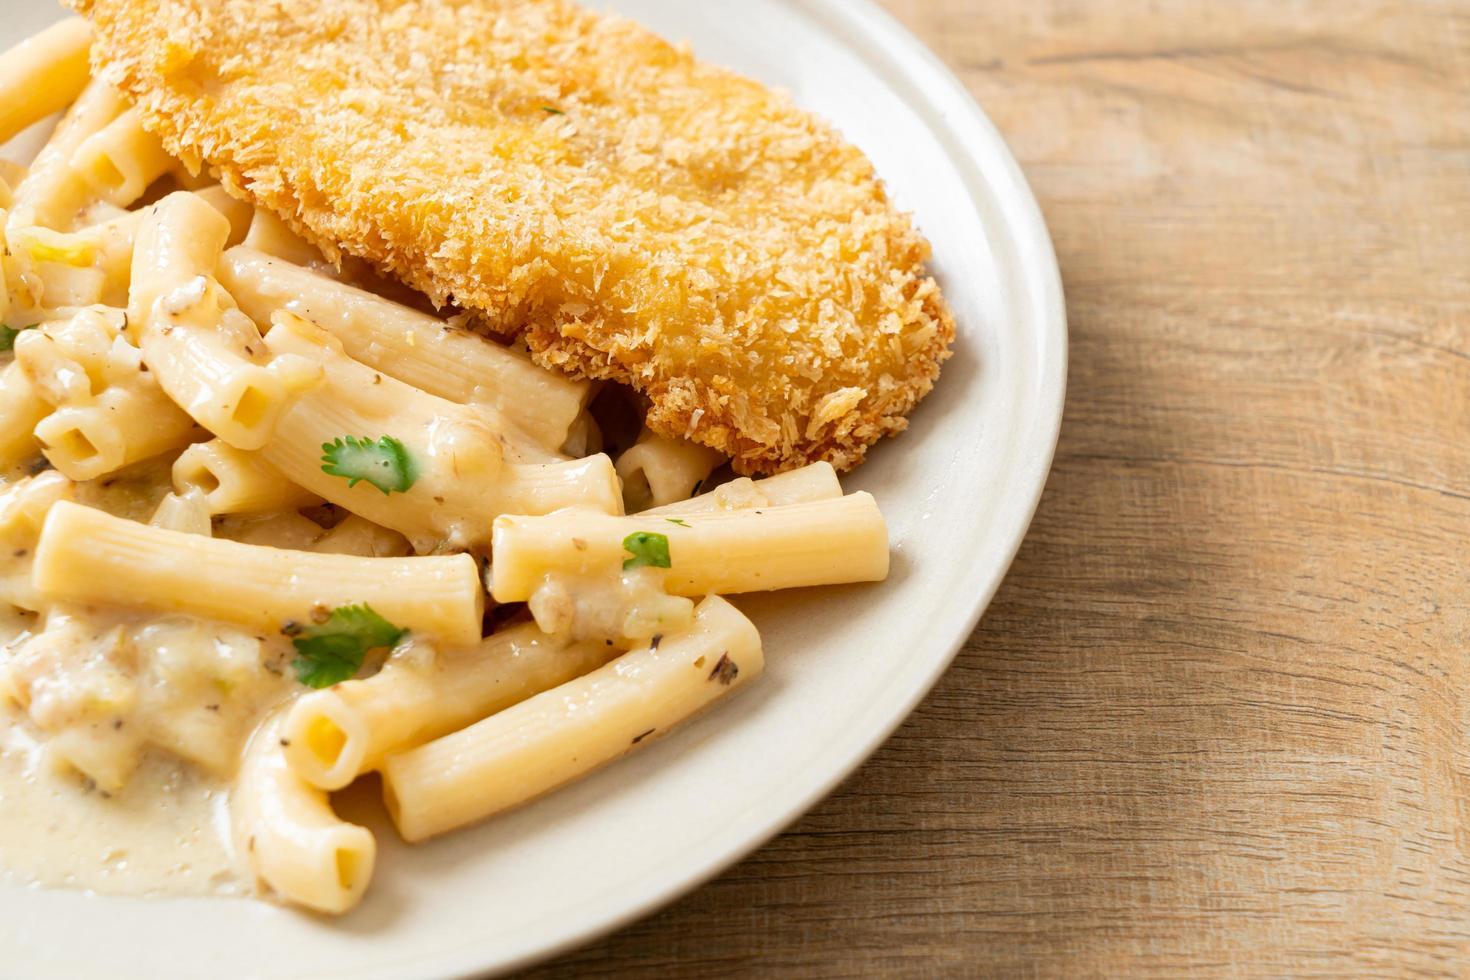 pâtes quadrotto penne sauce crème blanche avec poisson frit photo